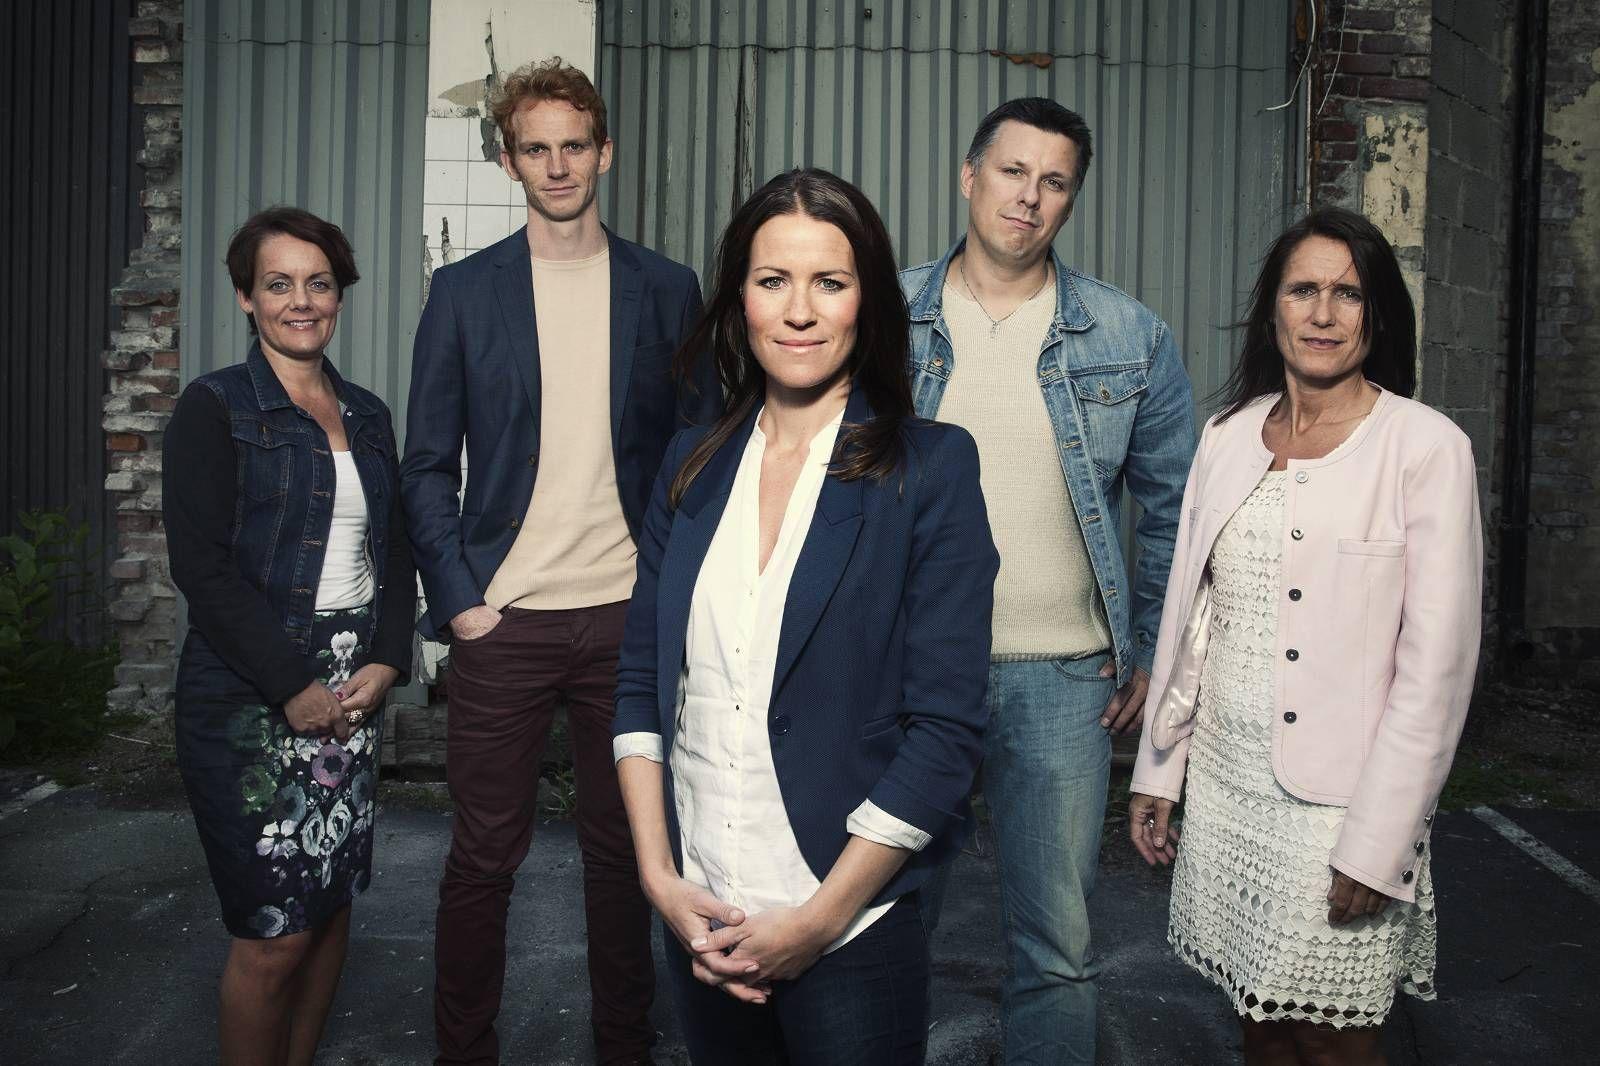 e64764f1 I NRK-serien «Oppdrag lykke» skulle Lisa Vivoll Straume, foran, hjelpe  deltakerne Aina Engmann, bak til venstre, Kristian Verde, Stål Hermo og  Stine Fjell ...